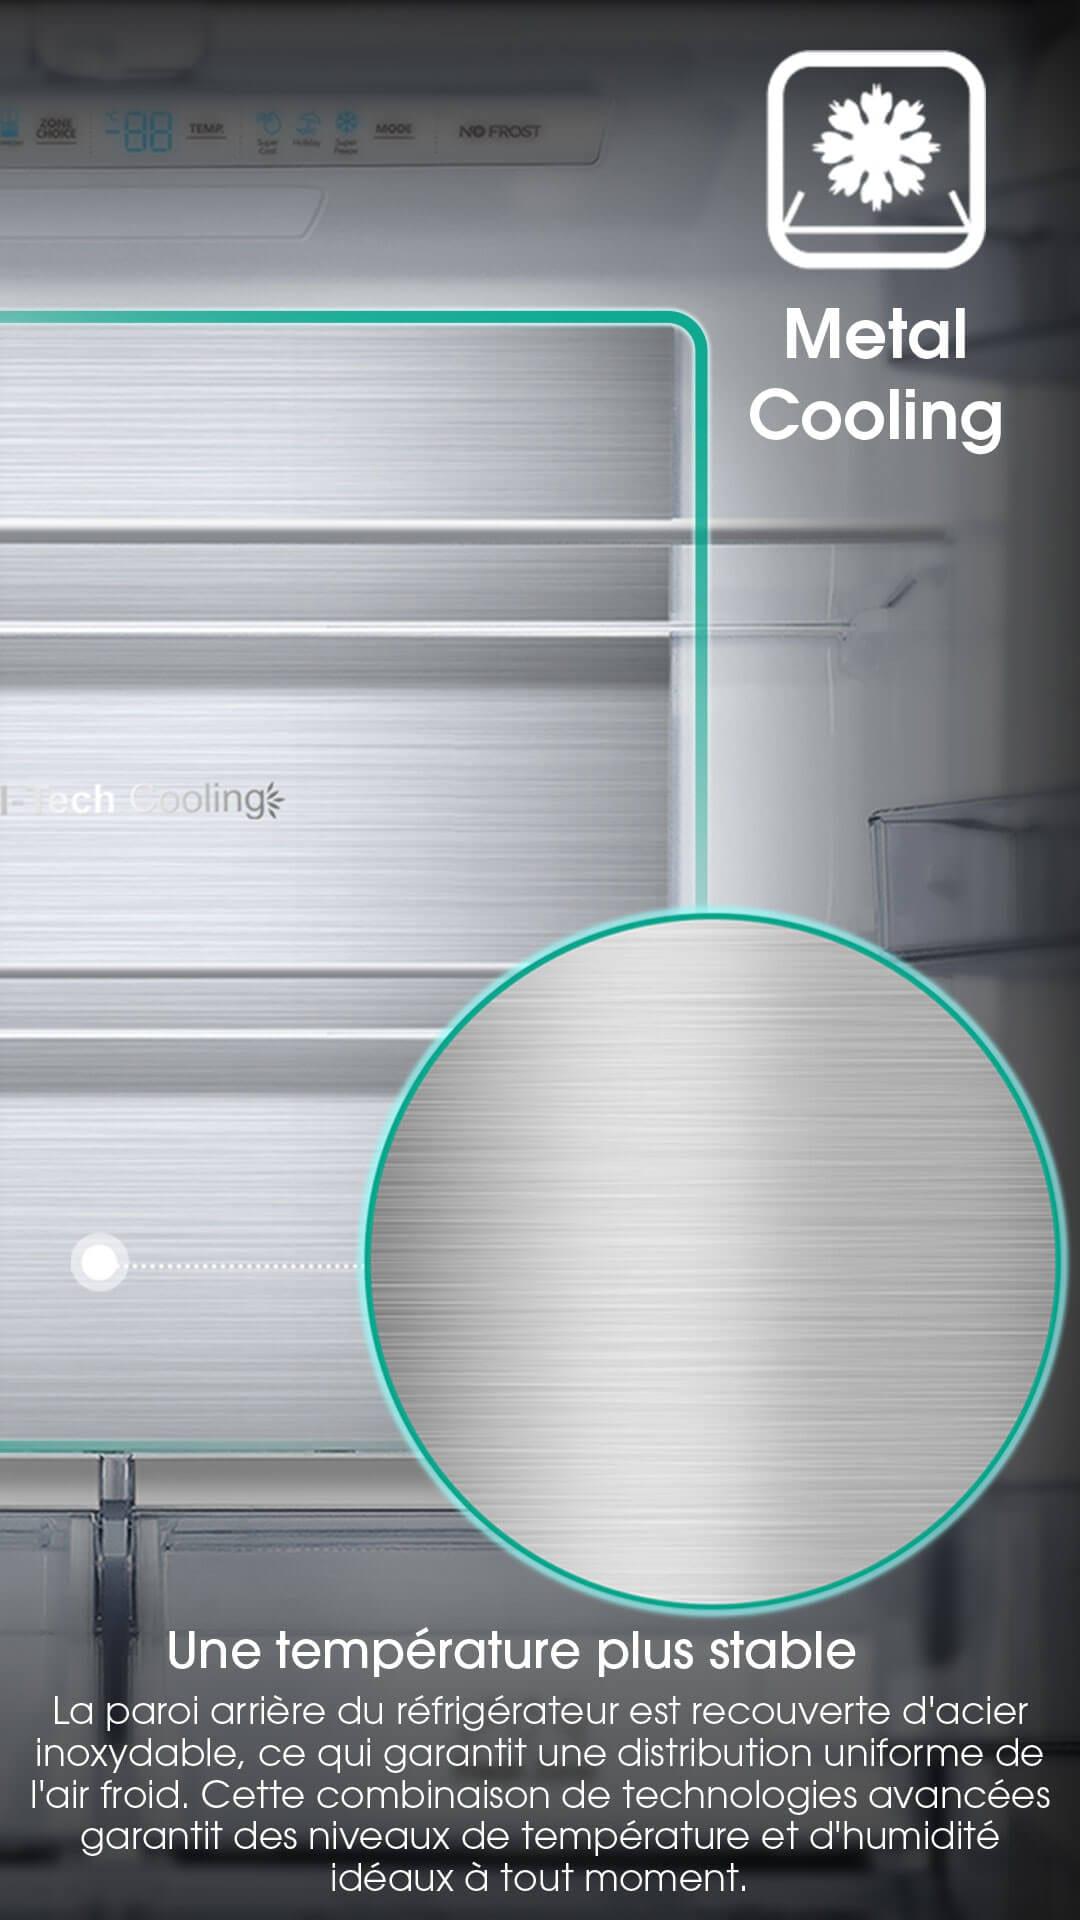 La paroi arrière du réfrigérateur est recouverte d'acier inoxydable, ce qui garantit une distribution uniforme de l'air froid. Cette combinaison de technologies avancées garantit des niveaux de température et d'humidité idéaux à tout moment.